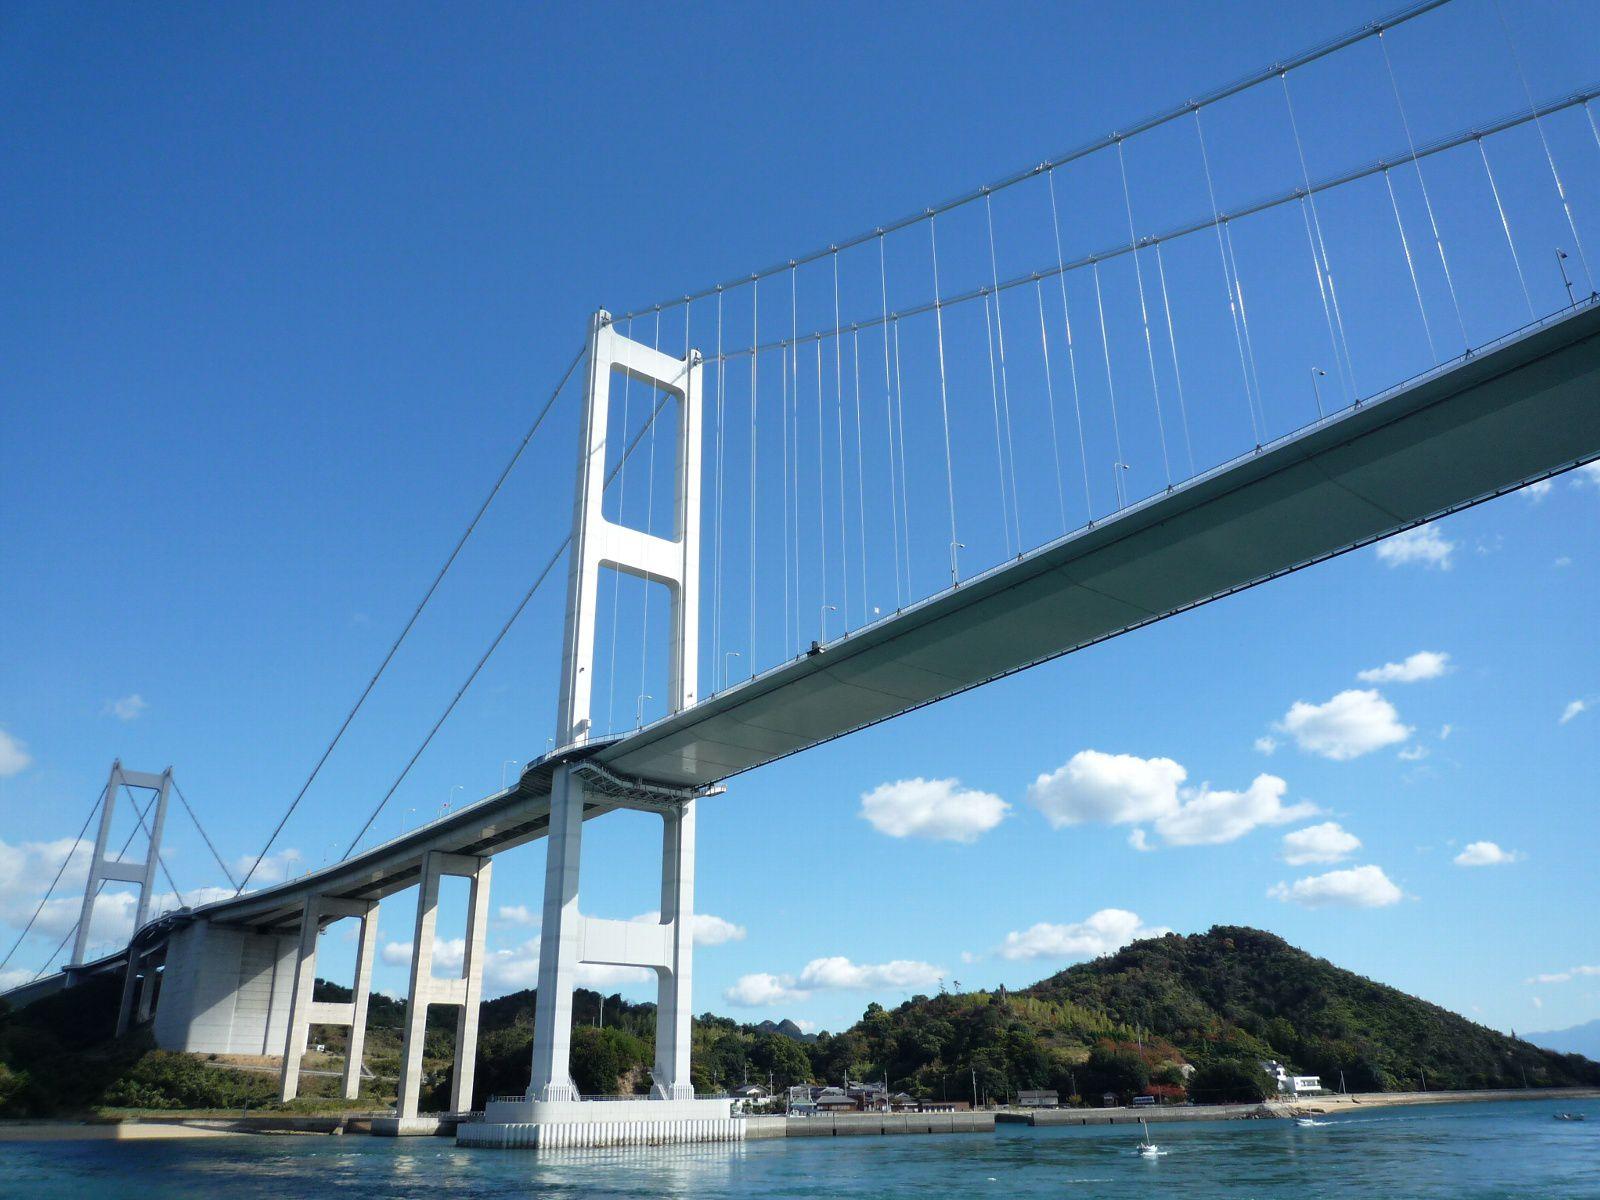 しまなみ海道でサイクリングも!瀬戸内海への避暑旅行がおすすめ